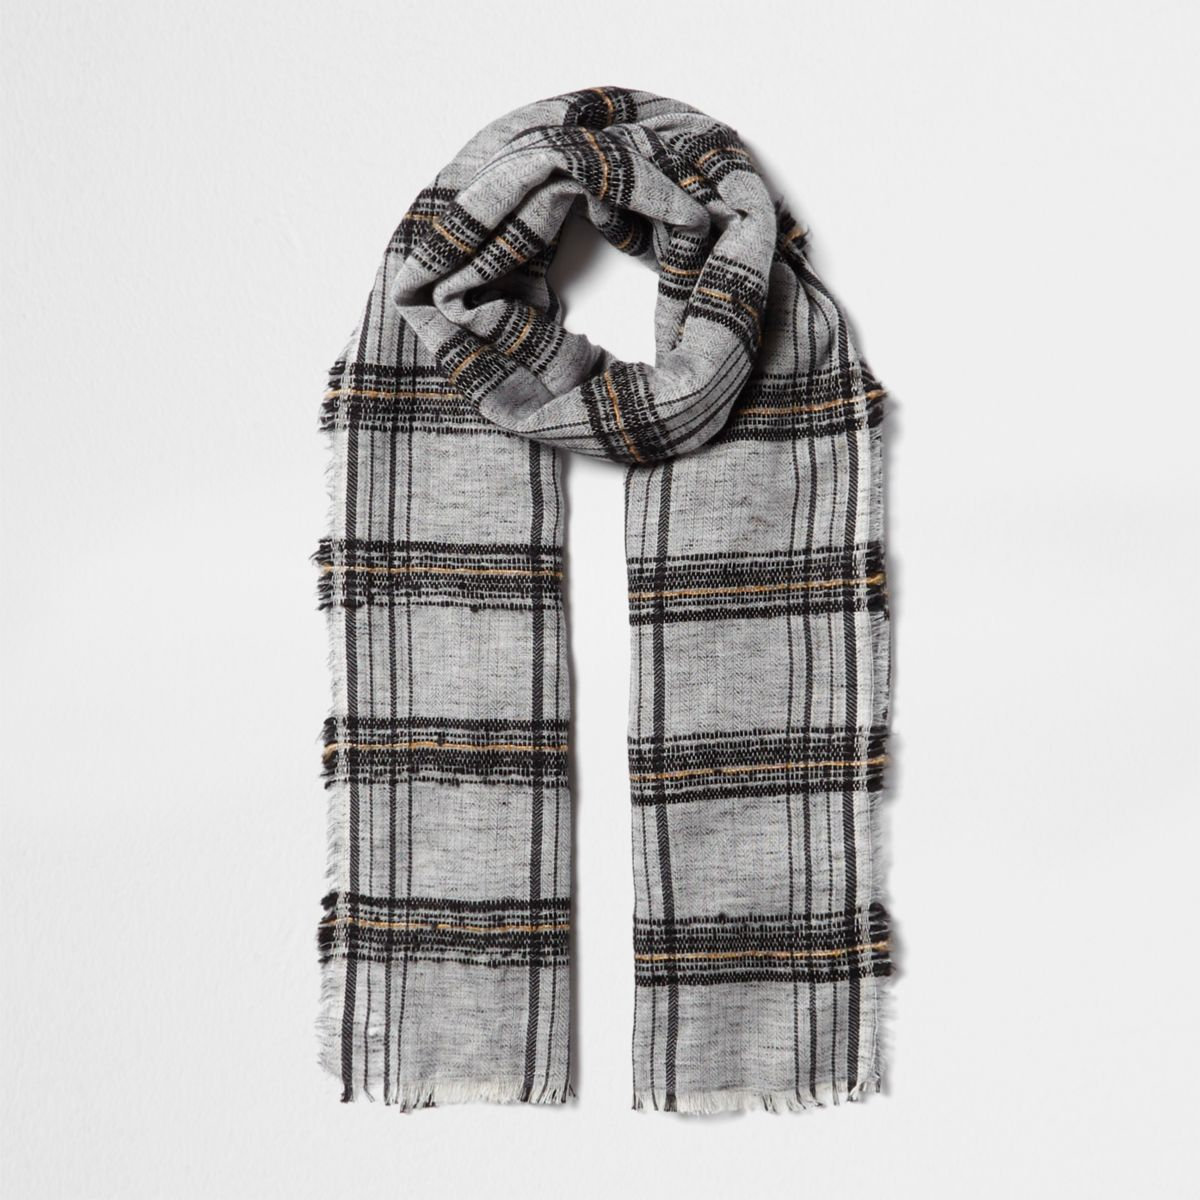 Écharpe à carreaux noire texturée